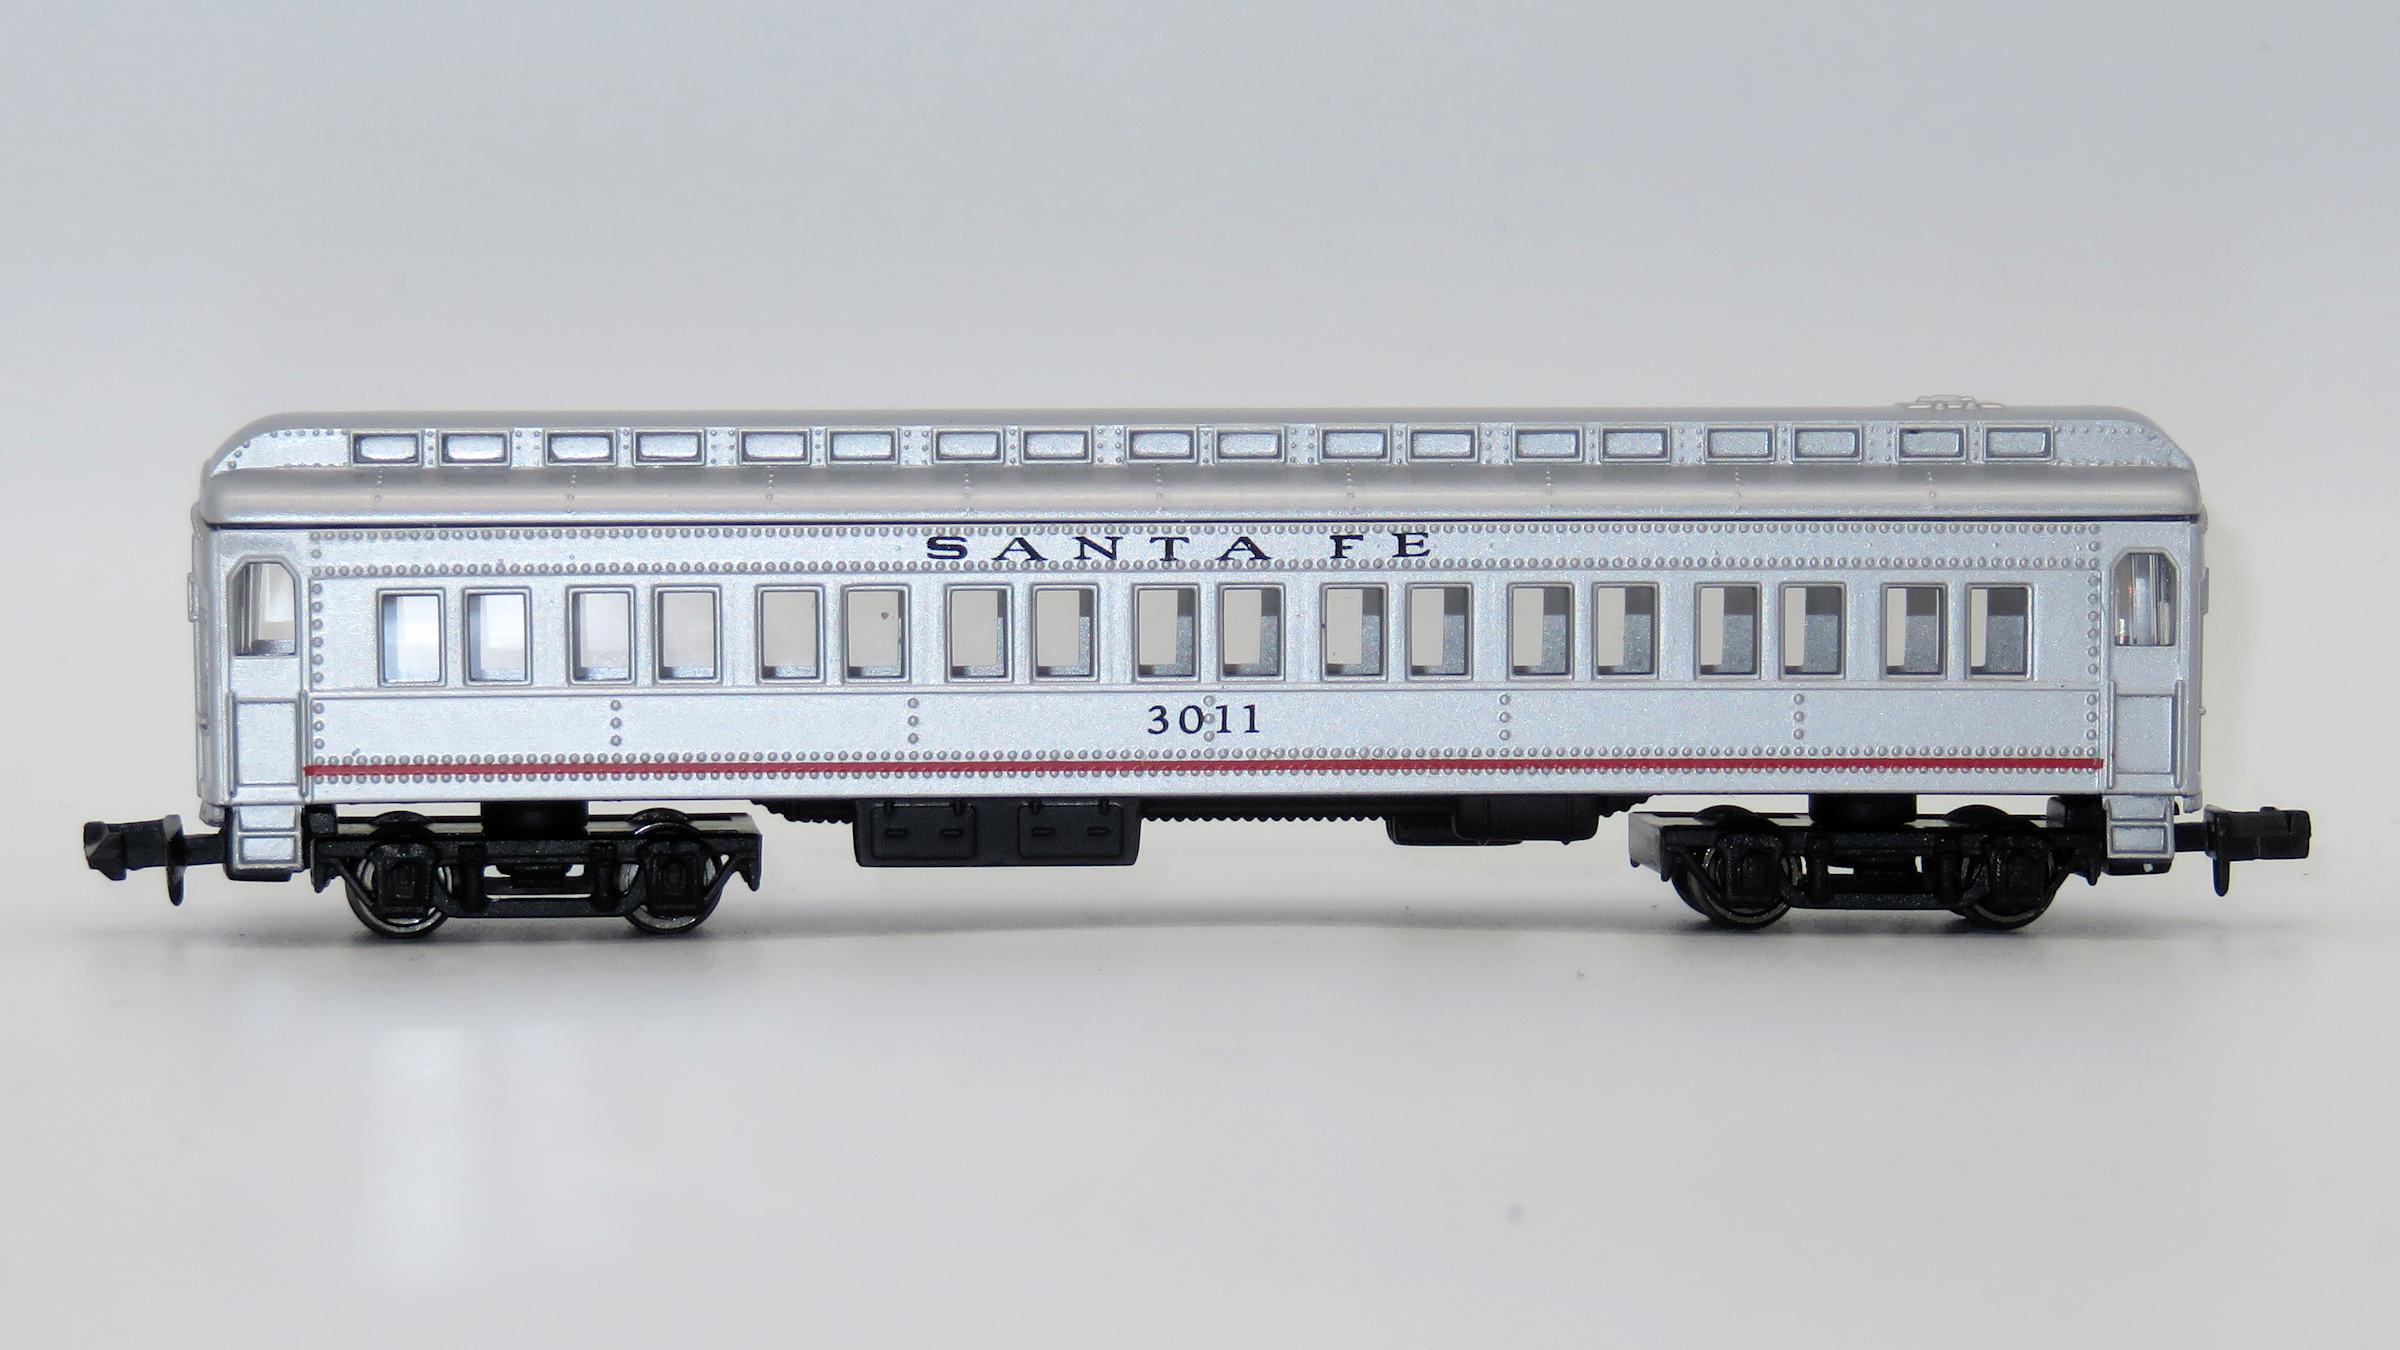 N Scale - Mehano - T772-E - Passenger Car, Heavyweight, ACF Coach - Santa Fe - 3011